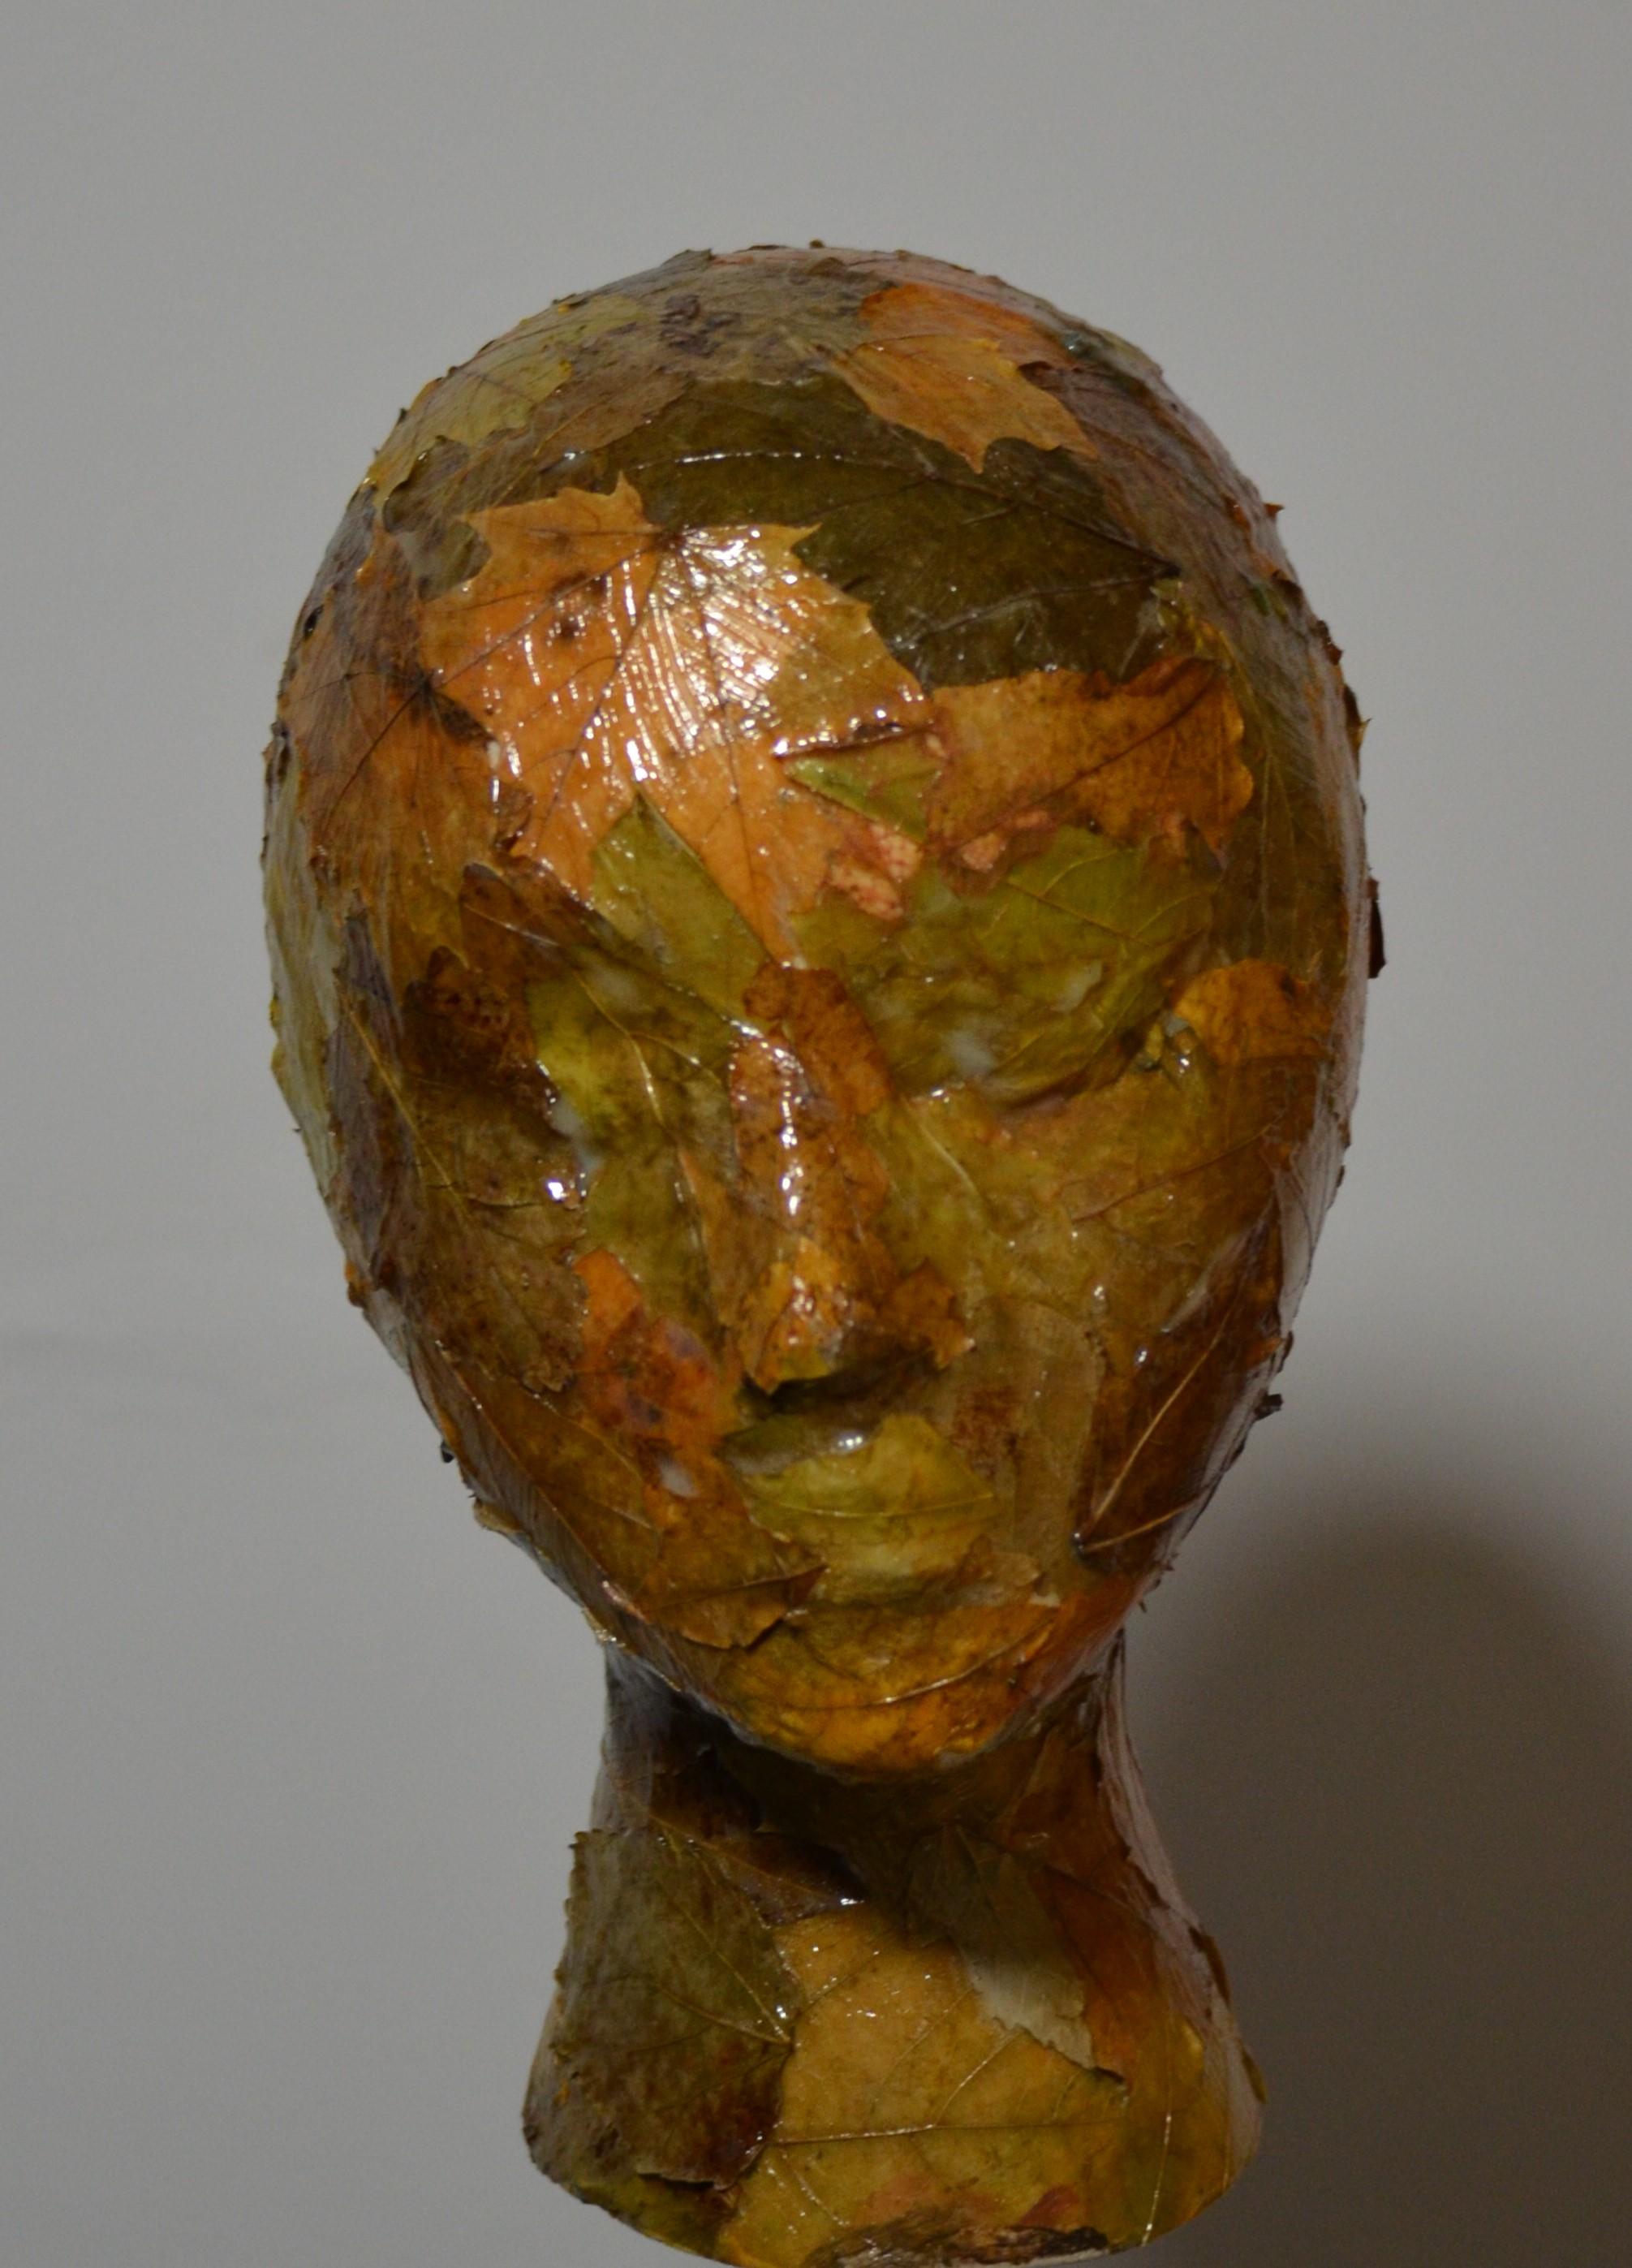 Portrait leaves and acrylic medium on foam 10.5 x 5.5x x 8 Inch 2019